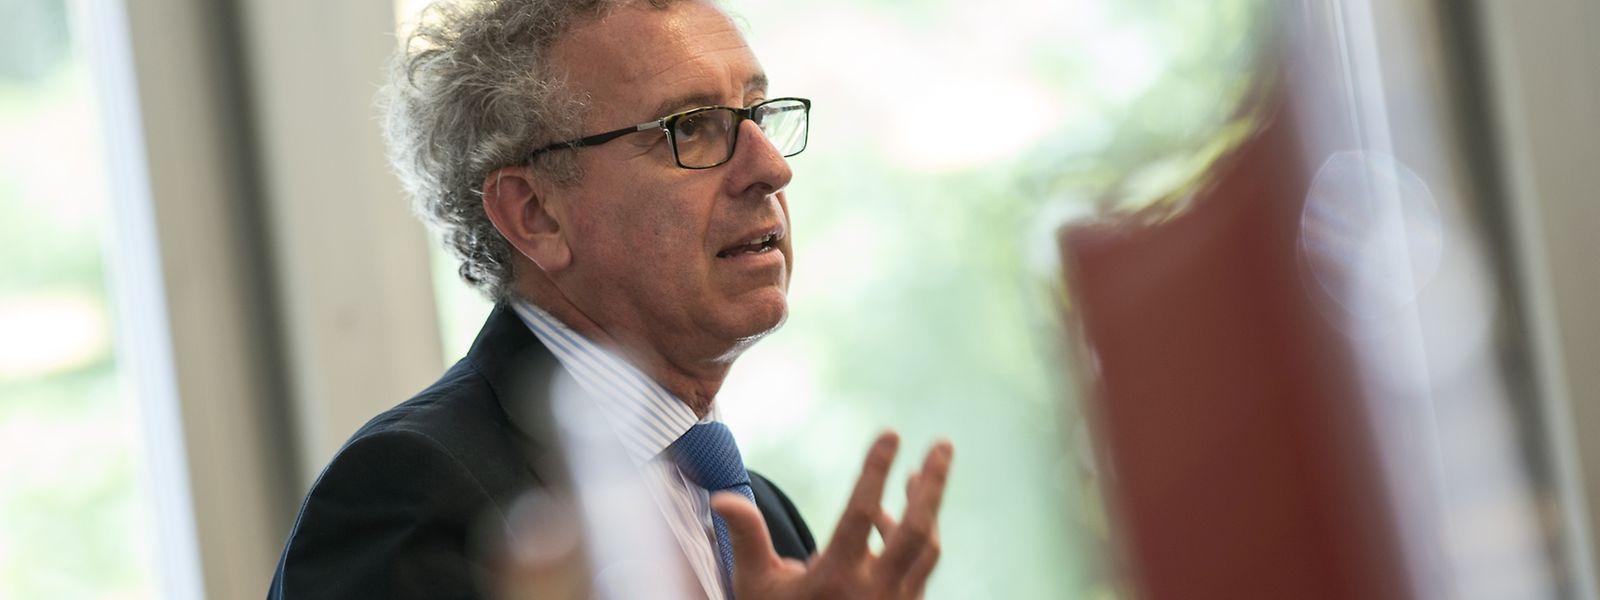 Finanzminister und Ecofin-Vorsitzender Pierre Gramegna sprach am Montag auf Einladung des EFTA-Gerichtshofes in Luxemburg-Kirchberg.